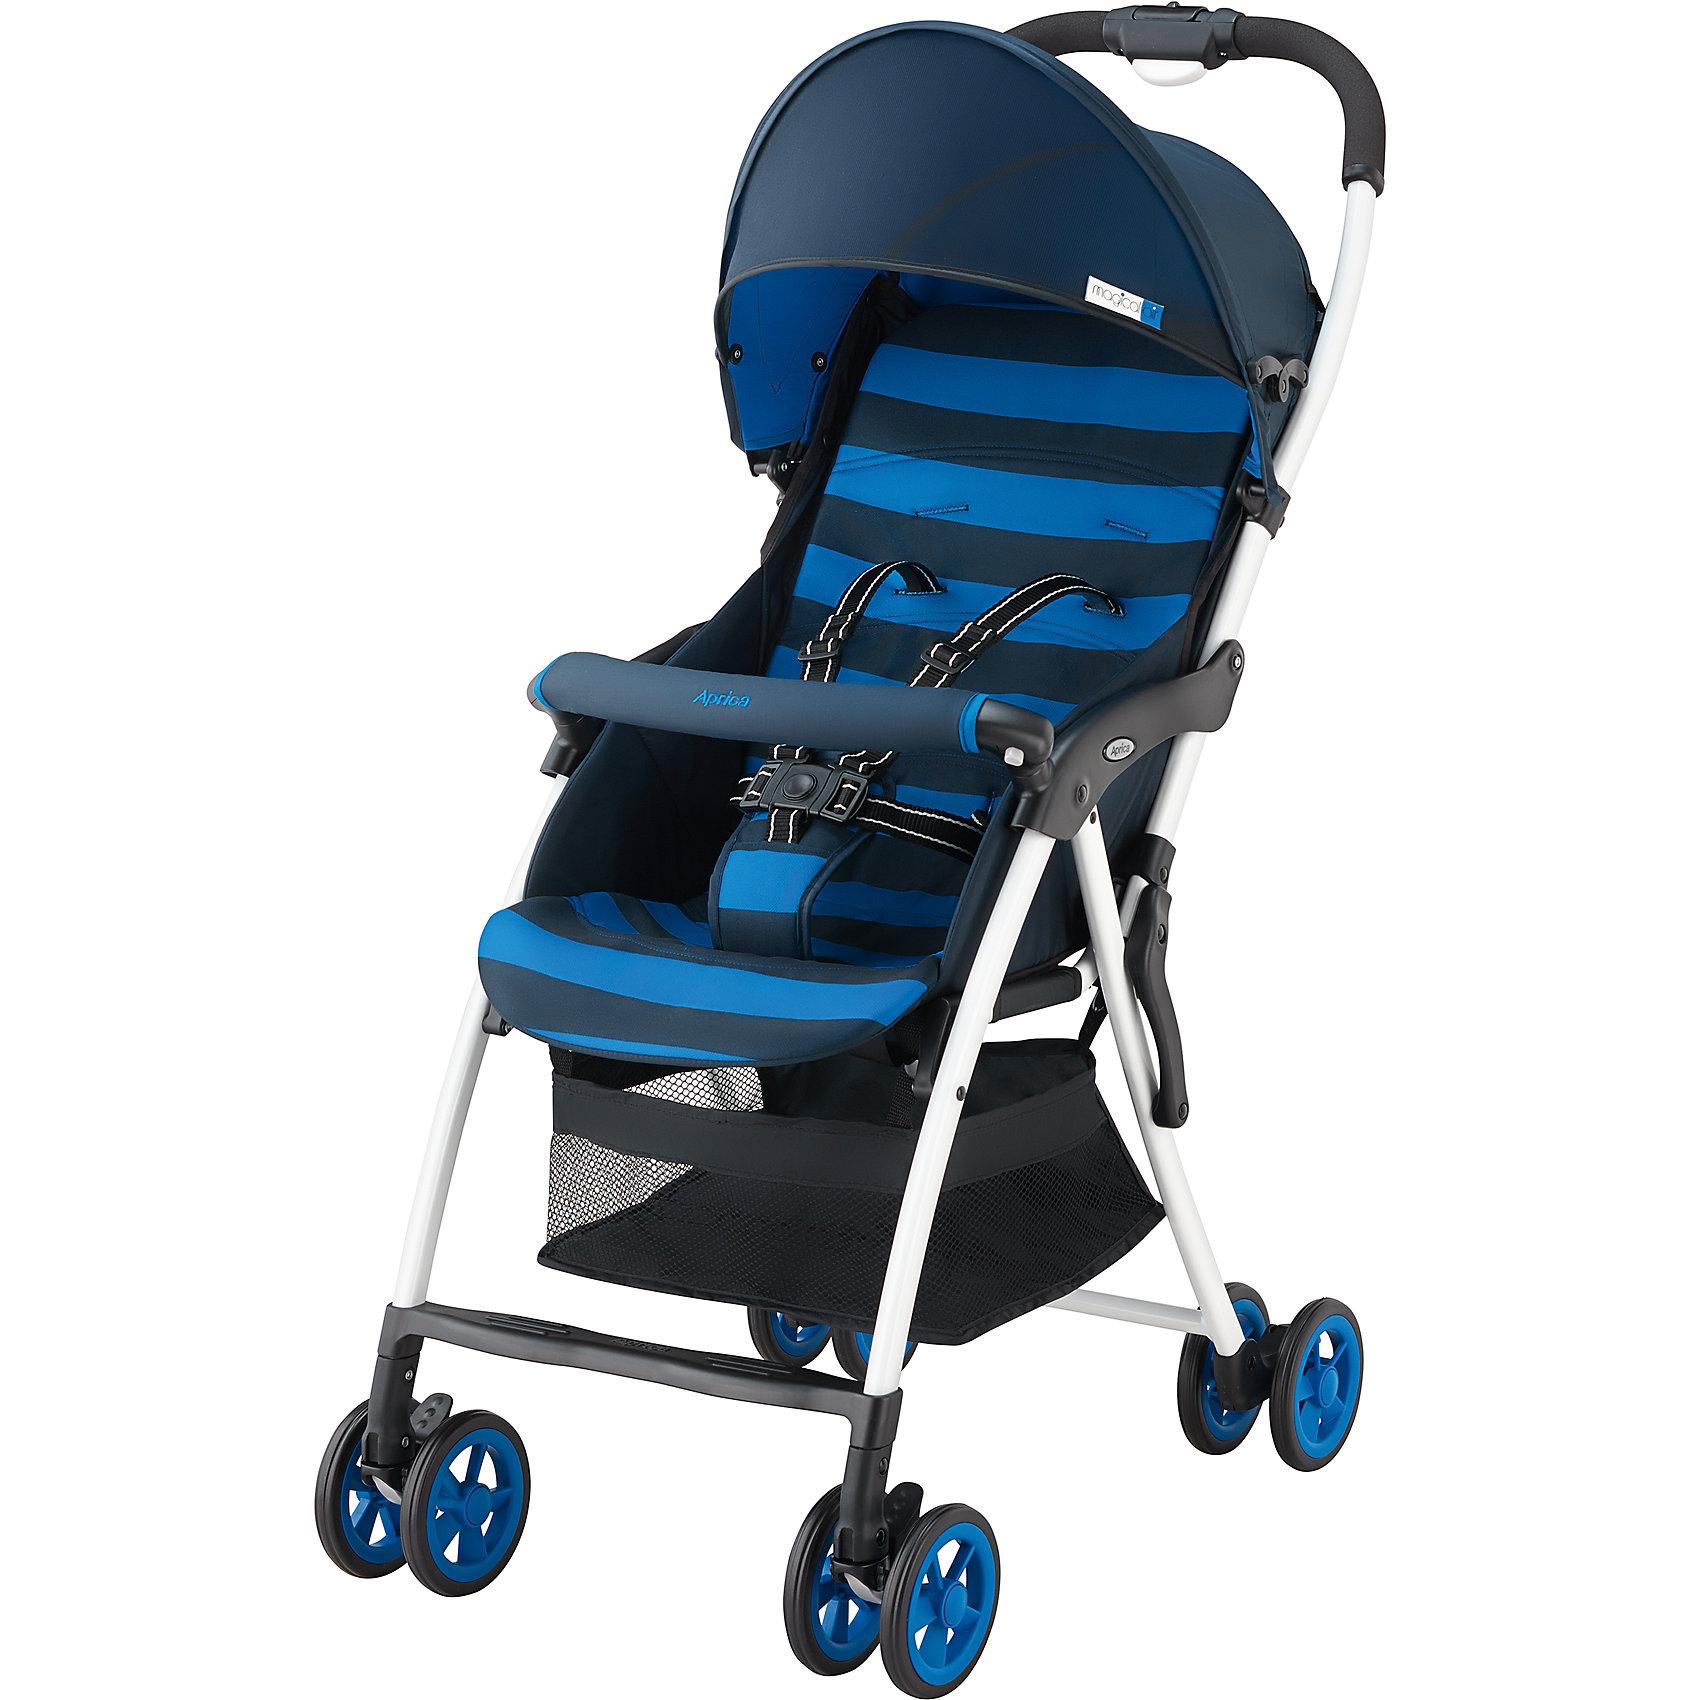 Прогулочная коляска Magical Air, Aprica, синийСупер легкая коляска прекрасно подойдет для отпуска, прогулок и шопинга.<br><br>Дополнительная информация:<br><br>Уникально малый вес – всего 2,8 кг<br>Коляска  легко складывается и раскладывается одним нажатием кнопки<br>Очень компактна в сложенном виде<br>Прочная рама дает возможность длительного использования<br>Солнцезащитный козырек защищает от УФ лучей<br>Удобный съемный бампер<br>Просторное, широкое сидение <br>Сдвоенные пары колес<br>верхняя часть матрасика на молнии (легко снимается и стирается при 30 град. С)<br>3D колеса увеличенного диаметра и ширины<br>Комплектация: Прогулочный блок, Рама, 5-точечные внутренние ремни<br>Вес ребенка: до 15 кг<br>Тип складывания«книжка»<br>Регулировка спинки: есть, 118-135°<br>Горизонтальное положение спинки: нет<br>Перекидная ручка: нет<br>Внутренние ремни: есть, 5-точечные<br>Съемные подушки: да, можно стирать<br>Корзина для вещей сетчатая<br>Размеры в разложенном виде (Ш?Д?В)46?80?97 см<br>Размеры в сложенном виде (Ш?Д?В)46?27?97 см<br>Внутренняя ширина сидения 32 см<br><br>Прогулочную коляску Magical Air, Aprica, синего цвета можно купить в нашем магазине.<br><br>Ширина мм: 970<br>Глубина мм: 470<br>Высота мм: 270<br>Вес г: 4900<br>Цвет: синий<br>Возраст от месяцев: 6<br>Возраст до месяцев: 36<br>Пол: Унисекс<br>Возраст: Детский<br>SKU: 4639434